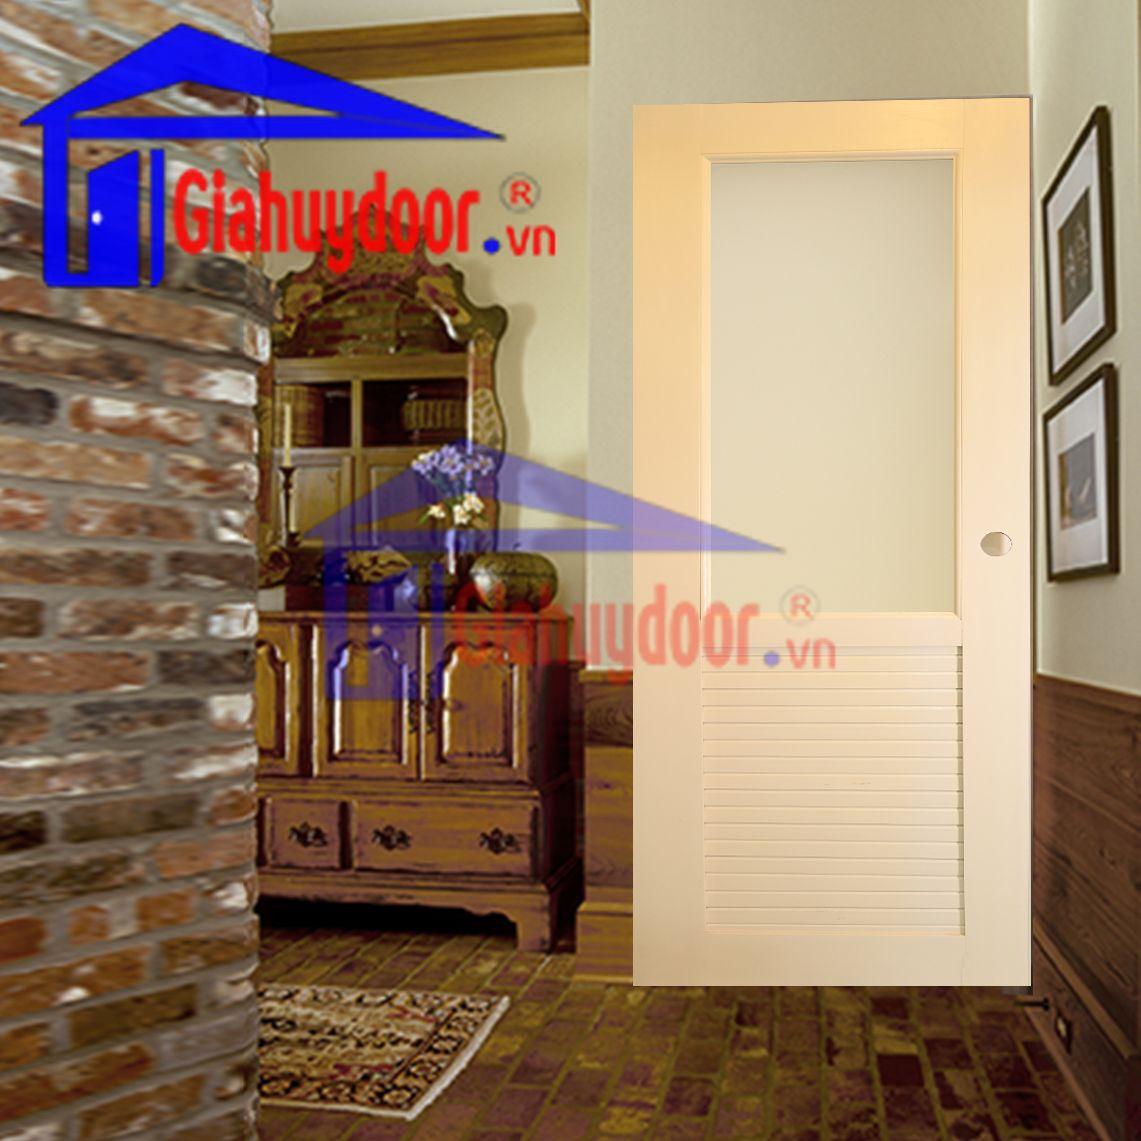 Cửa nhựa Đài Loan DL.YW-48, Cửa nhựa Đài Loan, Cửa nhựa cao cấp, cửa nhựa Đài Loan, Cửa nhựa vân gỗ, cửa nhựa giả gỗ, Cửa nhà vệ sinh, Cửa phòng tắm, Cửa thông phòng, cửa giá rẻ